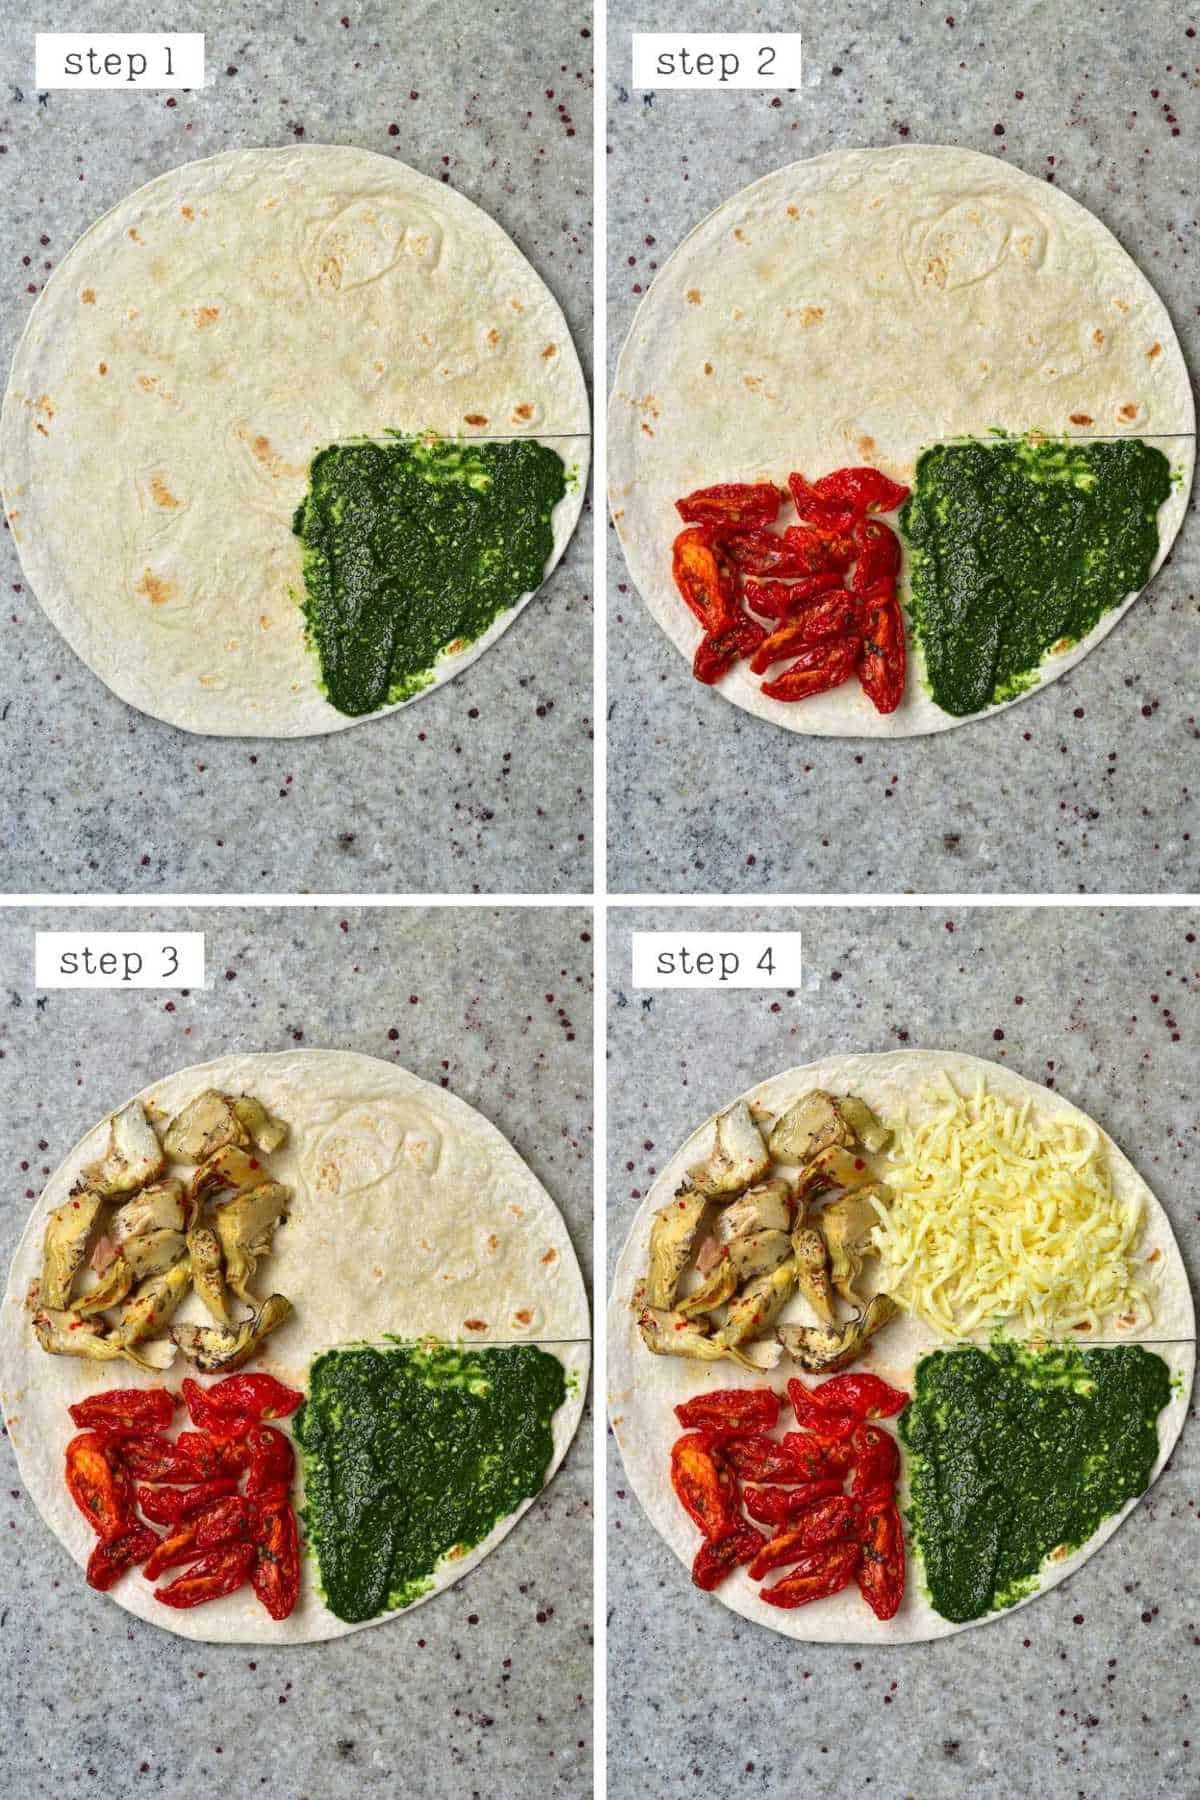 Steps for arranging ingredients on tortilla